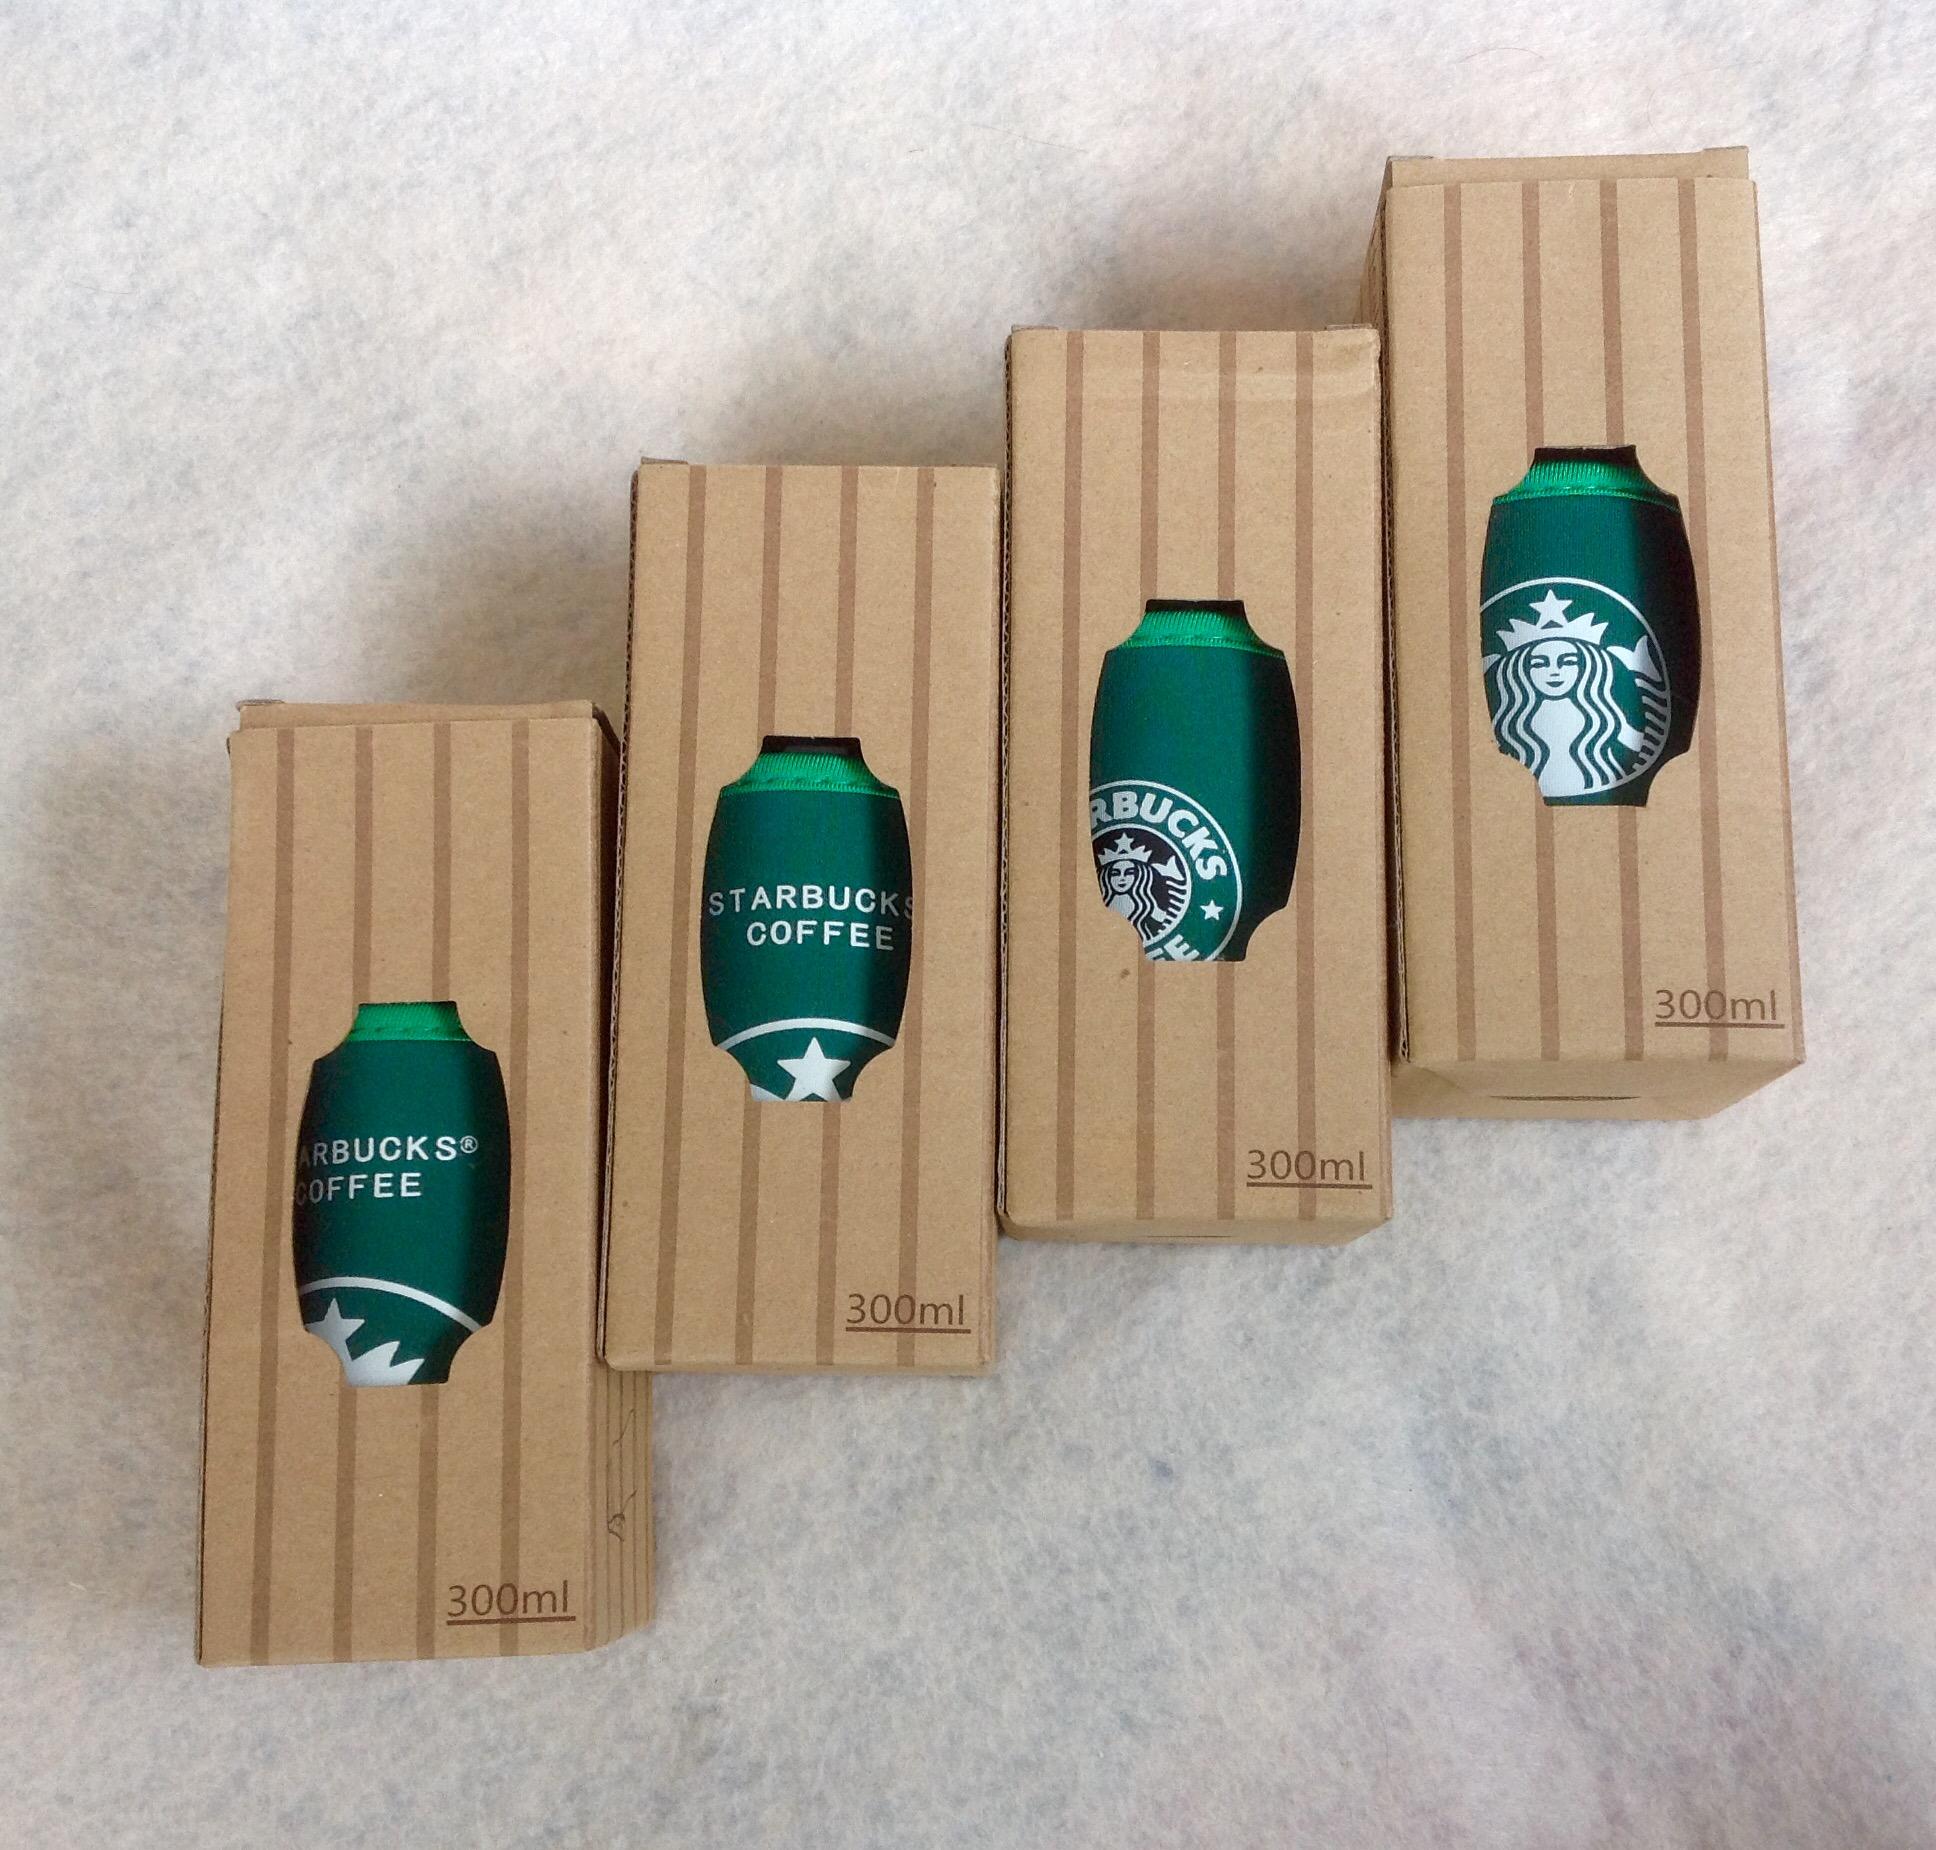 พร้อมส่ง setเดียวจ้า Starbucks ขวดแก้วทรงโบว์ลิ่งขนาด 300 ml พร้อมปลอกฉนวนกันอุณหภูมิ